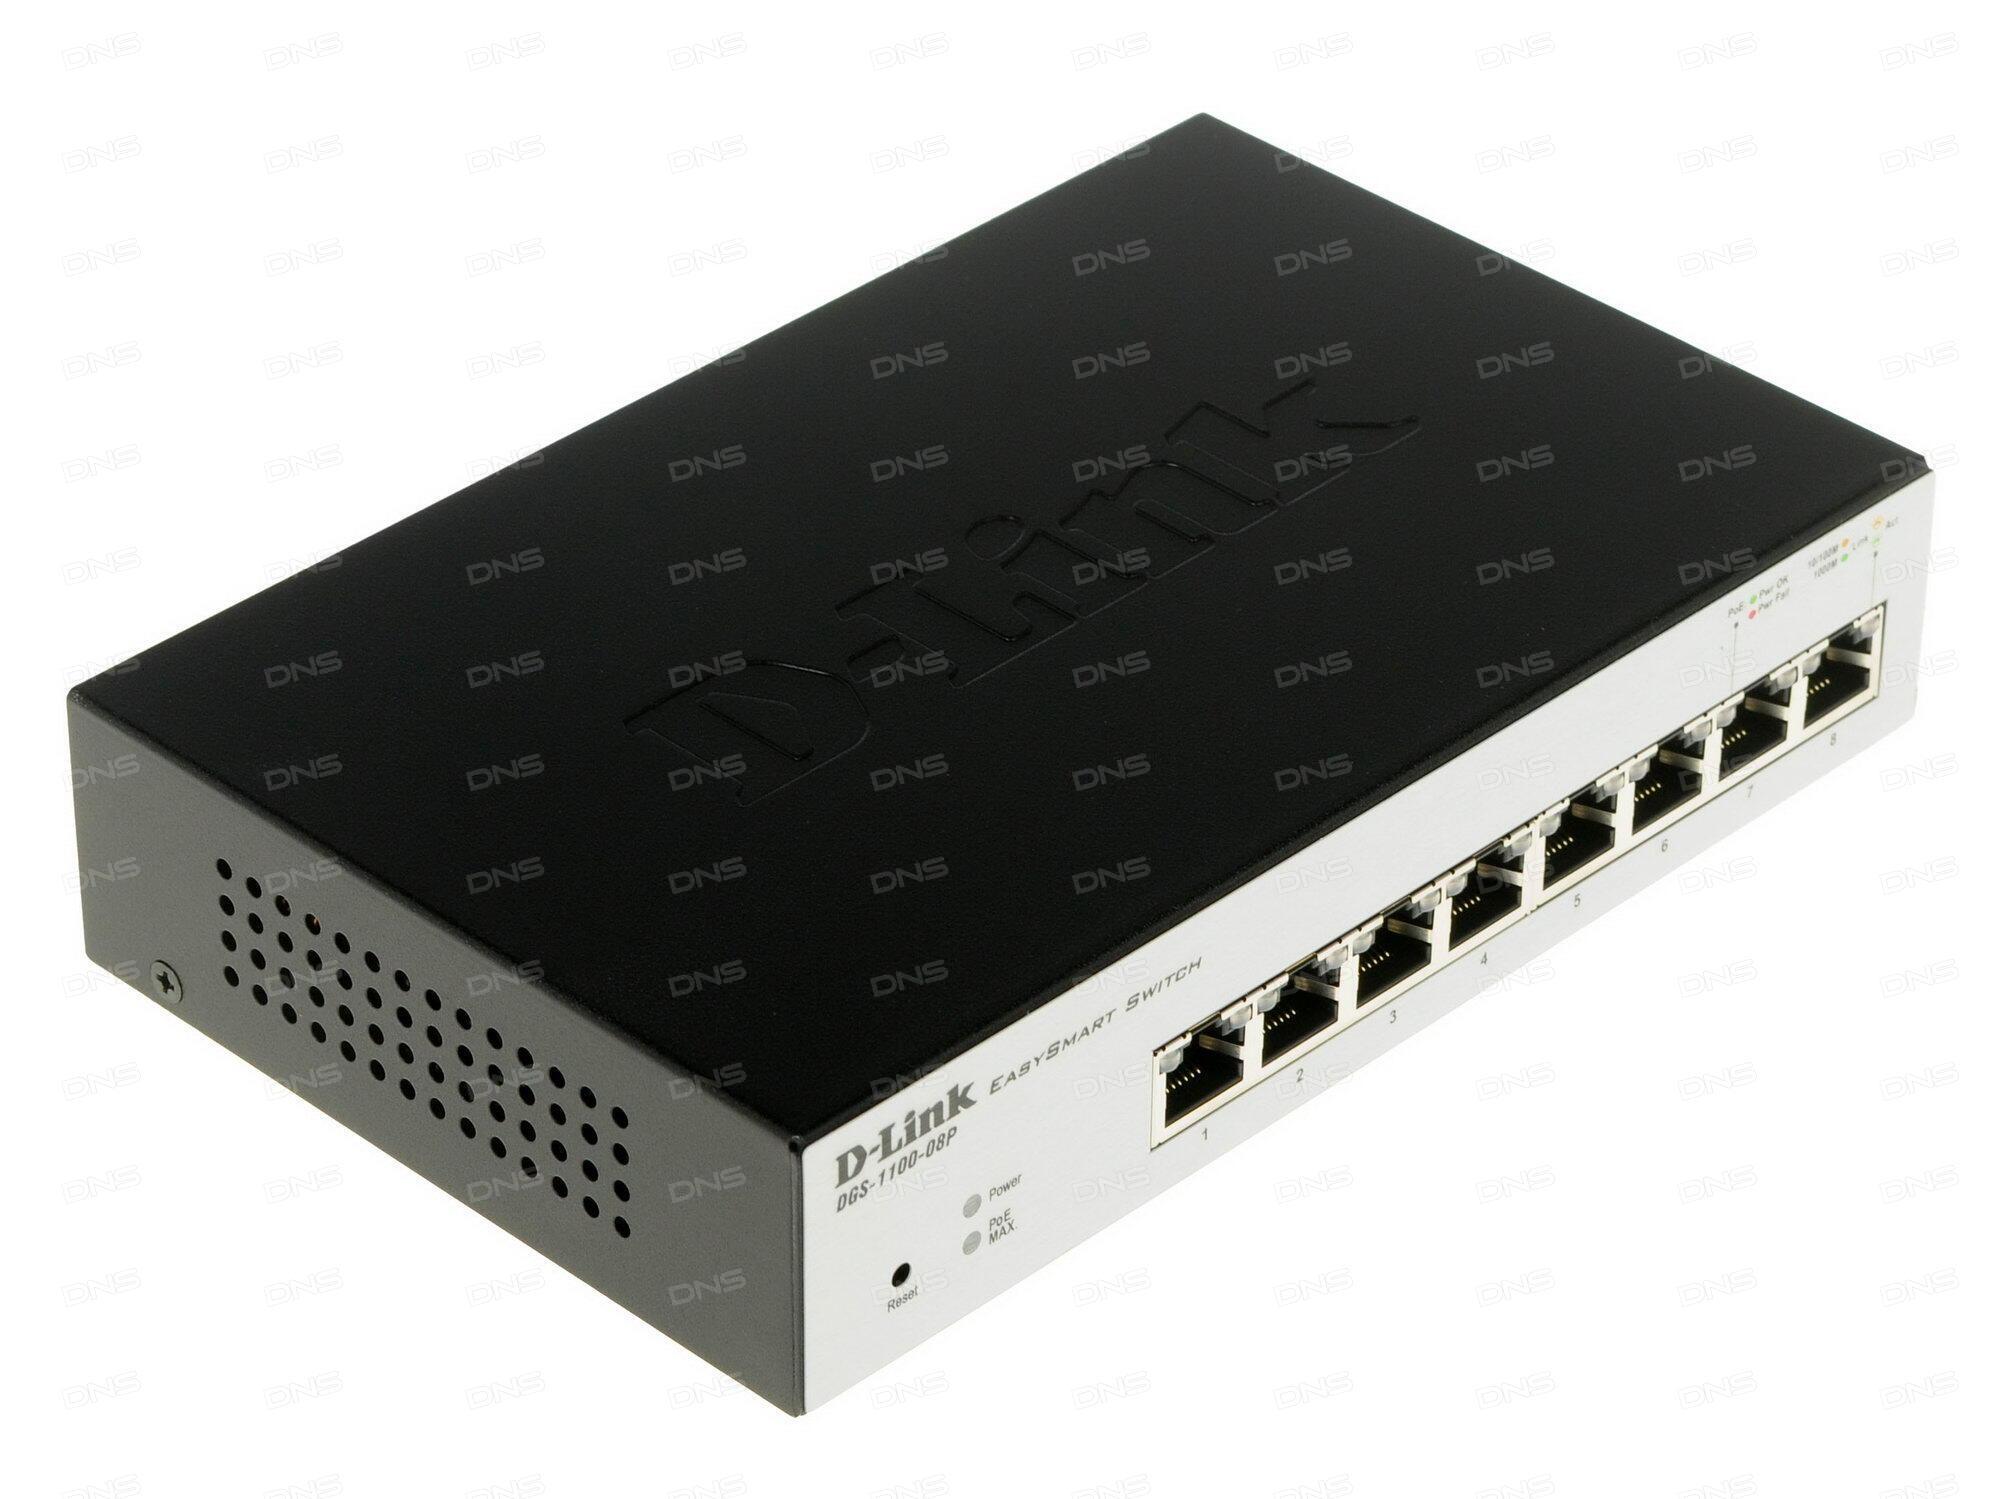 Коммутатор D-Link DGS-1100-26MPP/B1A Настраиваемый коммутатор EasySmart с 24 портами 10/100/1000Base-T и 2 комбо-портами 1000Base-T/SFP (порты 1 – 24